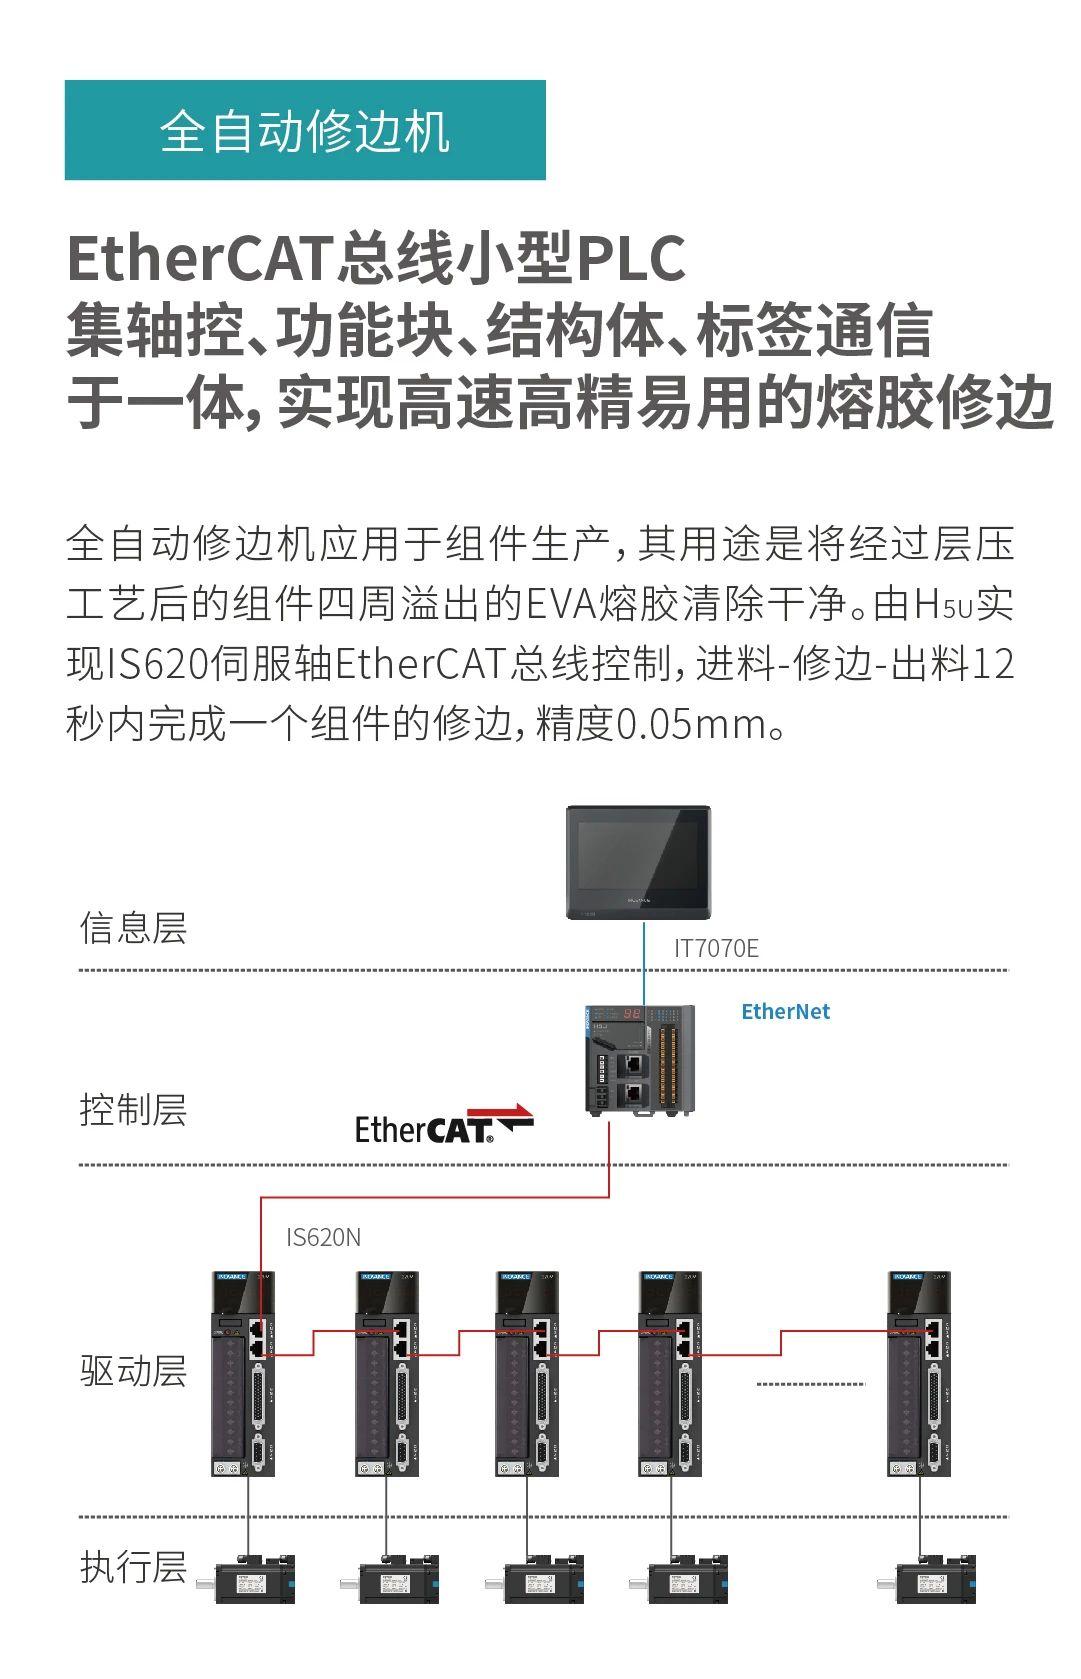 小型PLC之光丨强运控、易编程、多功能的H5u